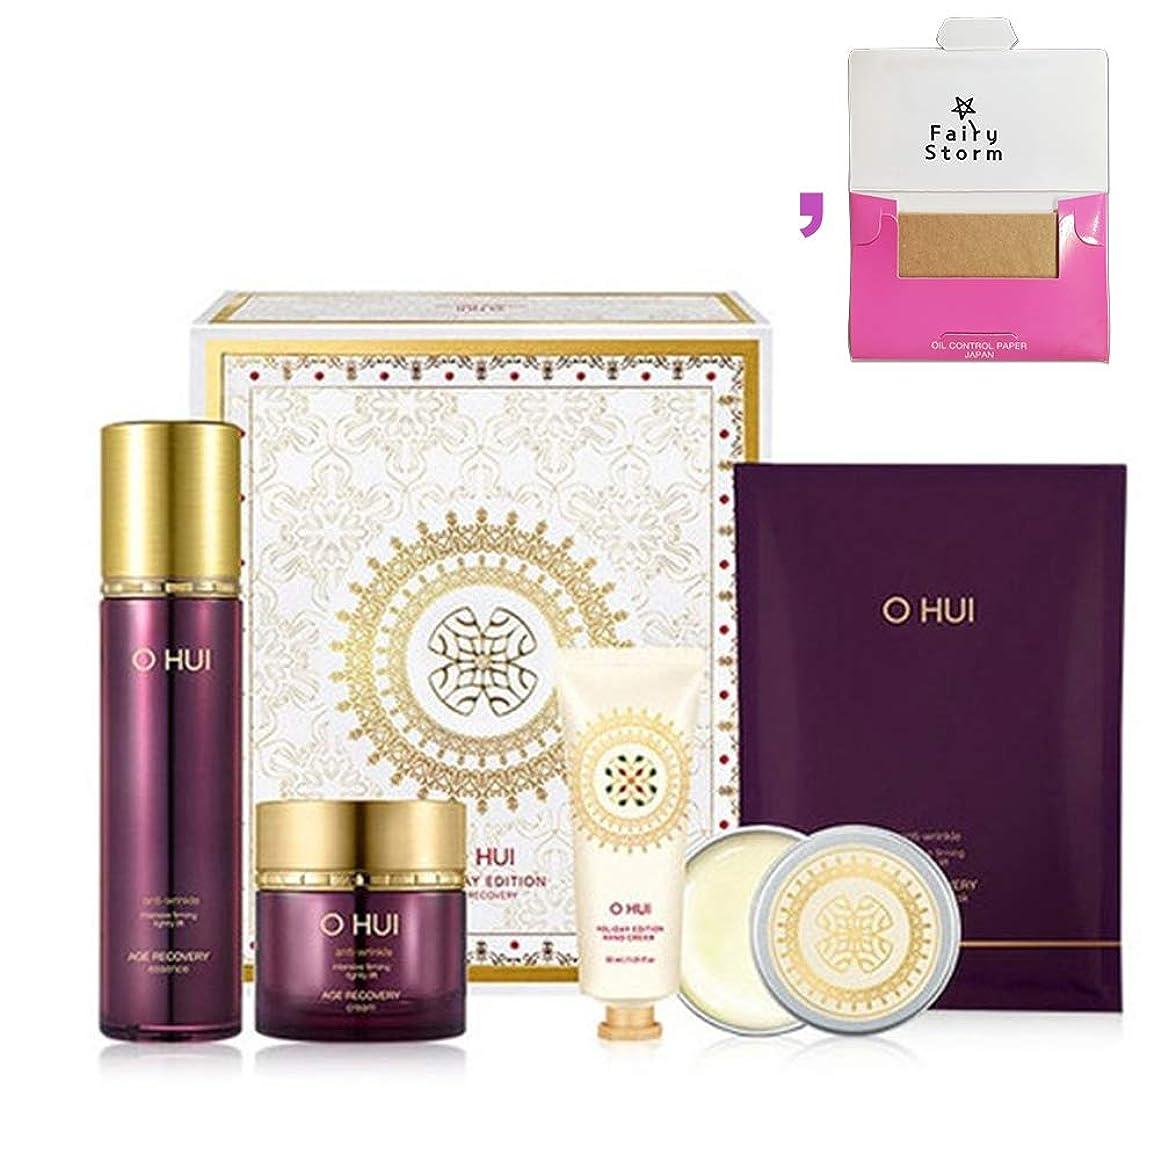 セント頼る異議[オフィ/O HUI]韓国化粧品 LG生活健康/Ohui AGE RECOVERY ESSENCE Special Set/オフィ エイジ リカバリー エッセンス45ml 限定セット +[Sample Gift](海外直送品)